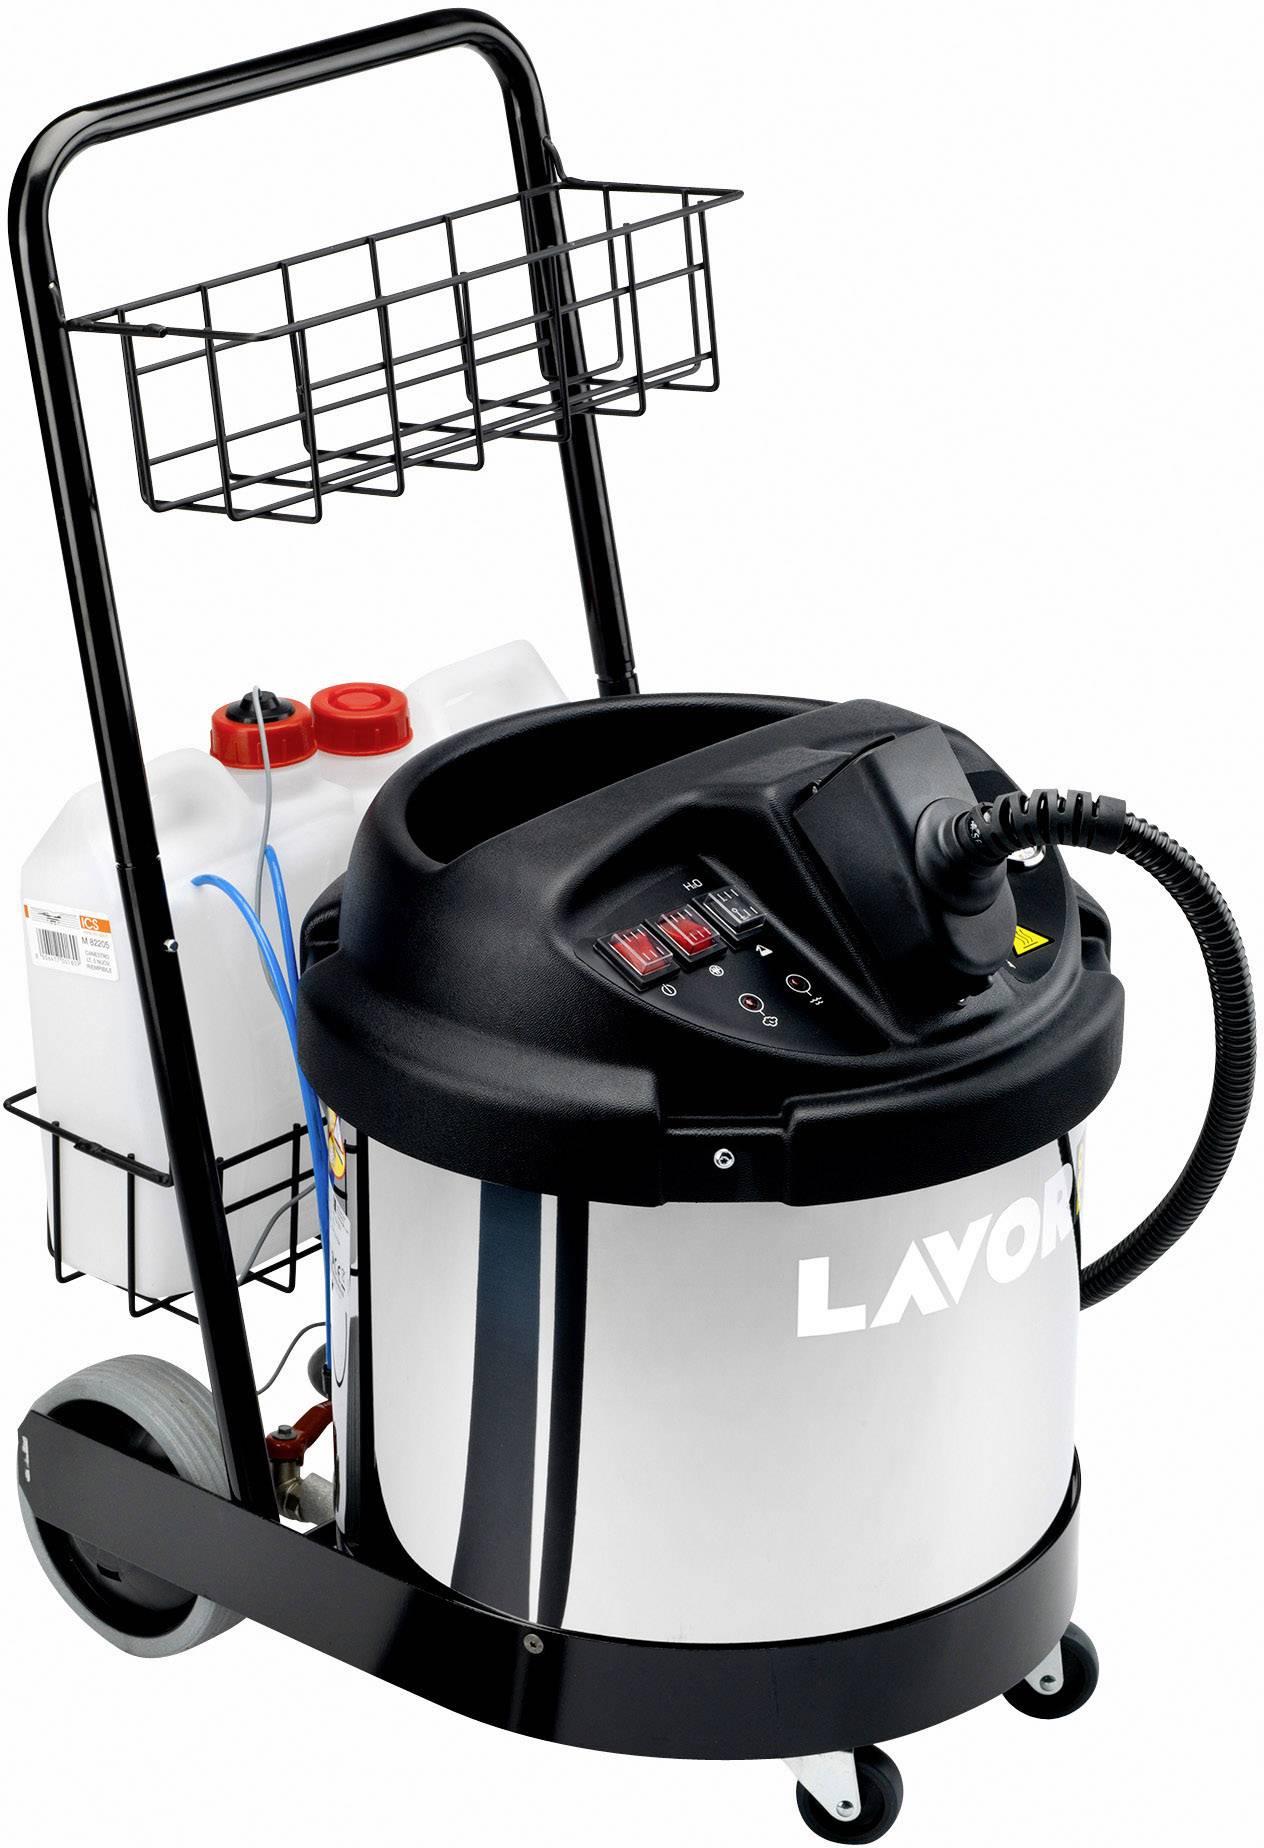 Parný čistič Lavor GV Katla 8.453.0001, 3300 W, čierna/strieborná